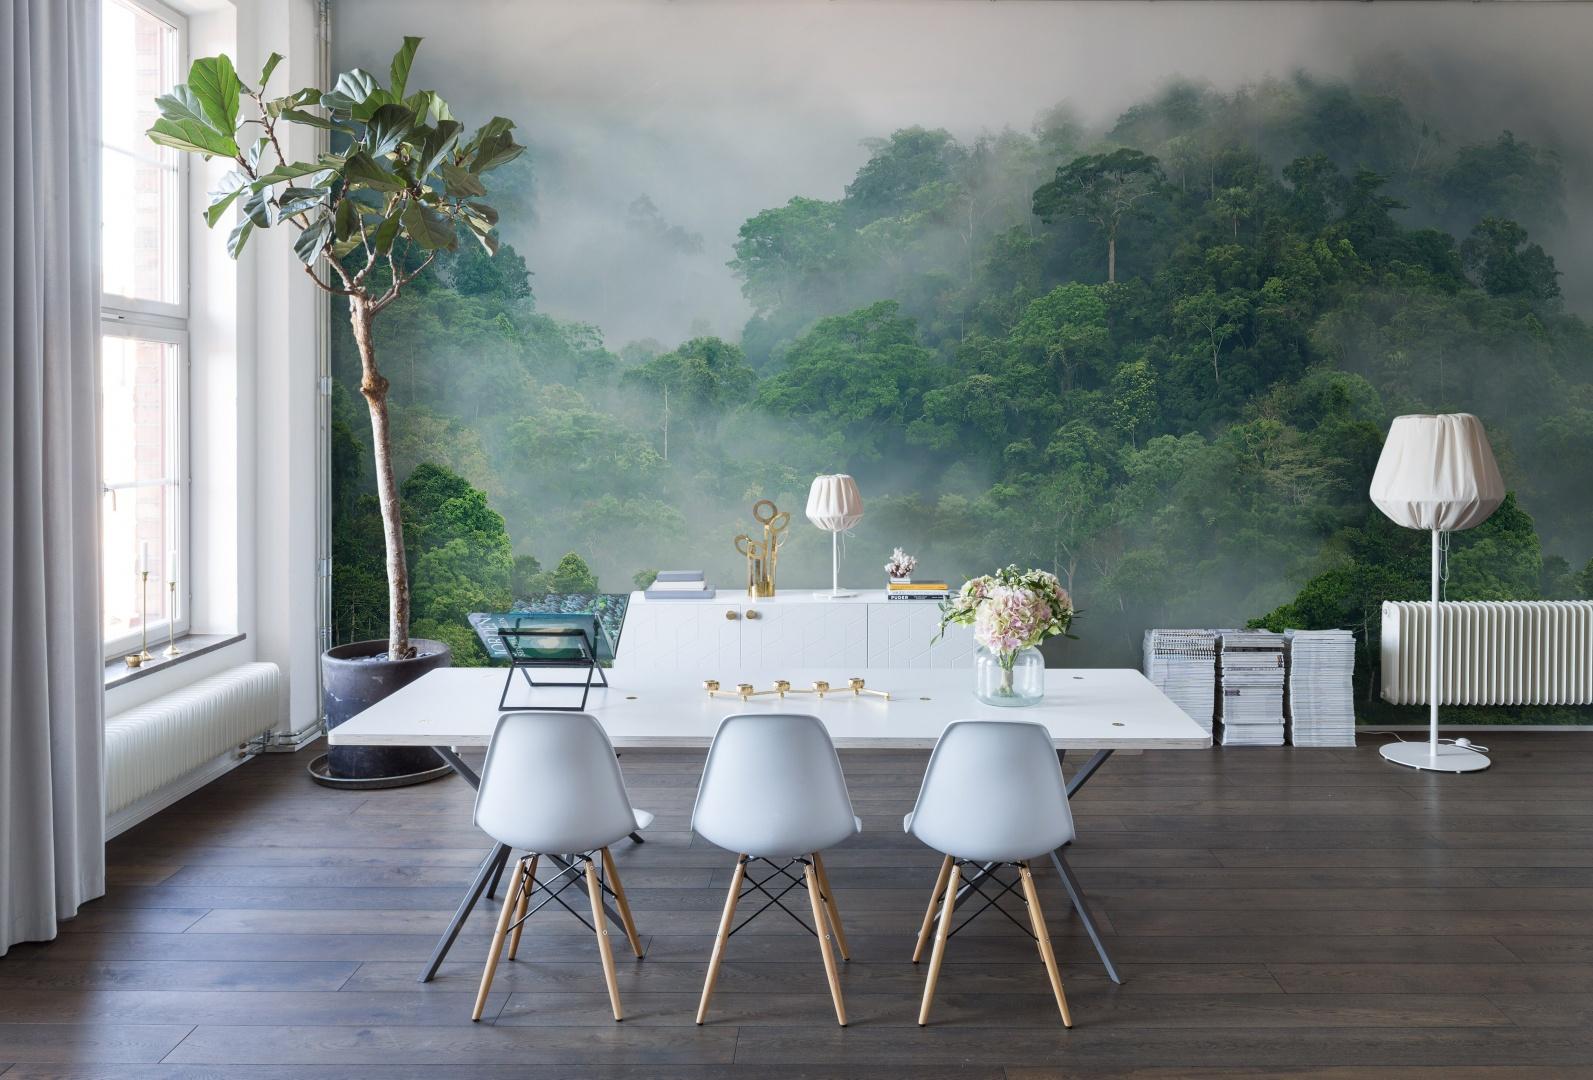 Full Size of Wanddeko Ideen Bilder Wohnzimmer Tapeten Für Küche Schlafzimmer Fototapeten Die Bad Renovieren Wohnzimmer Tapeten Ideen